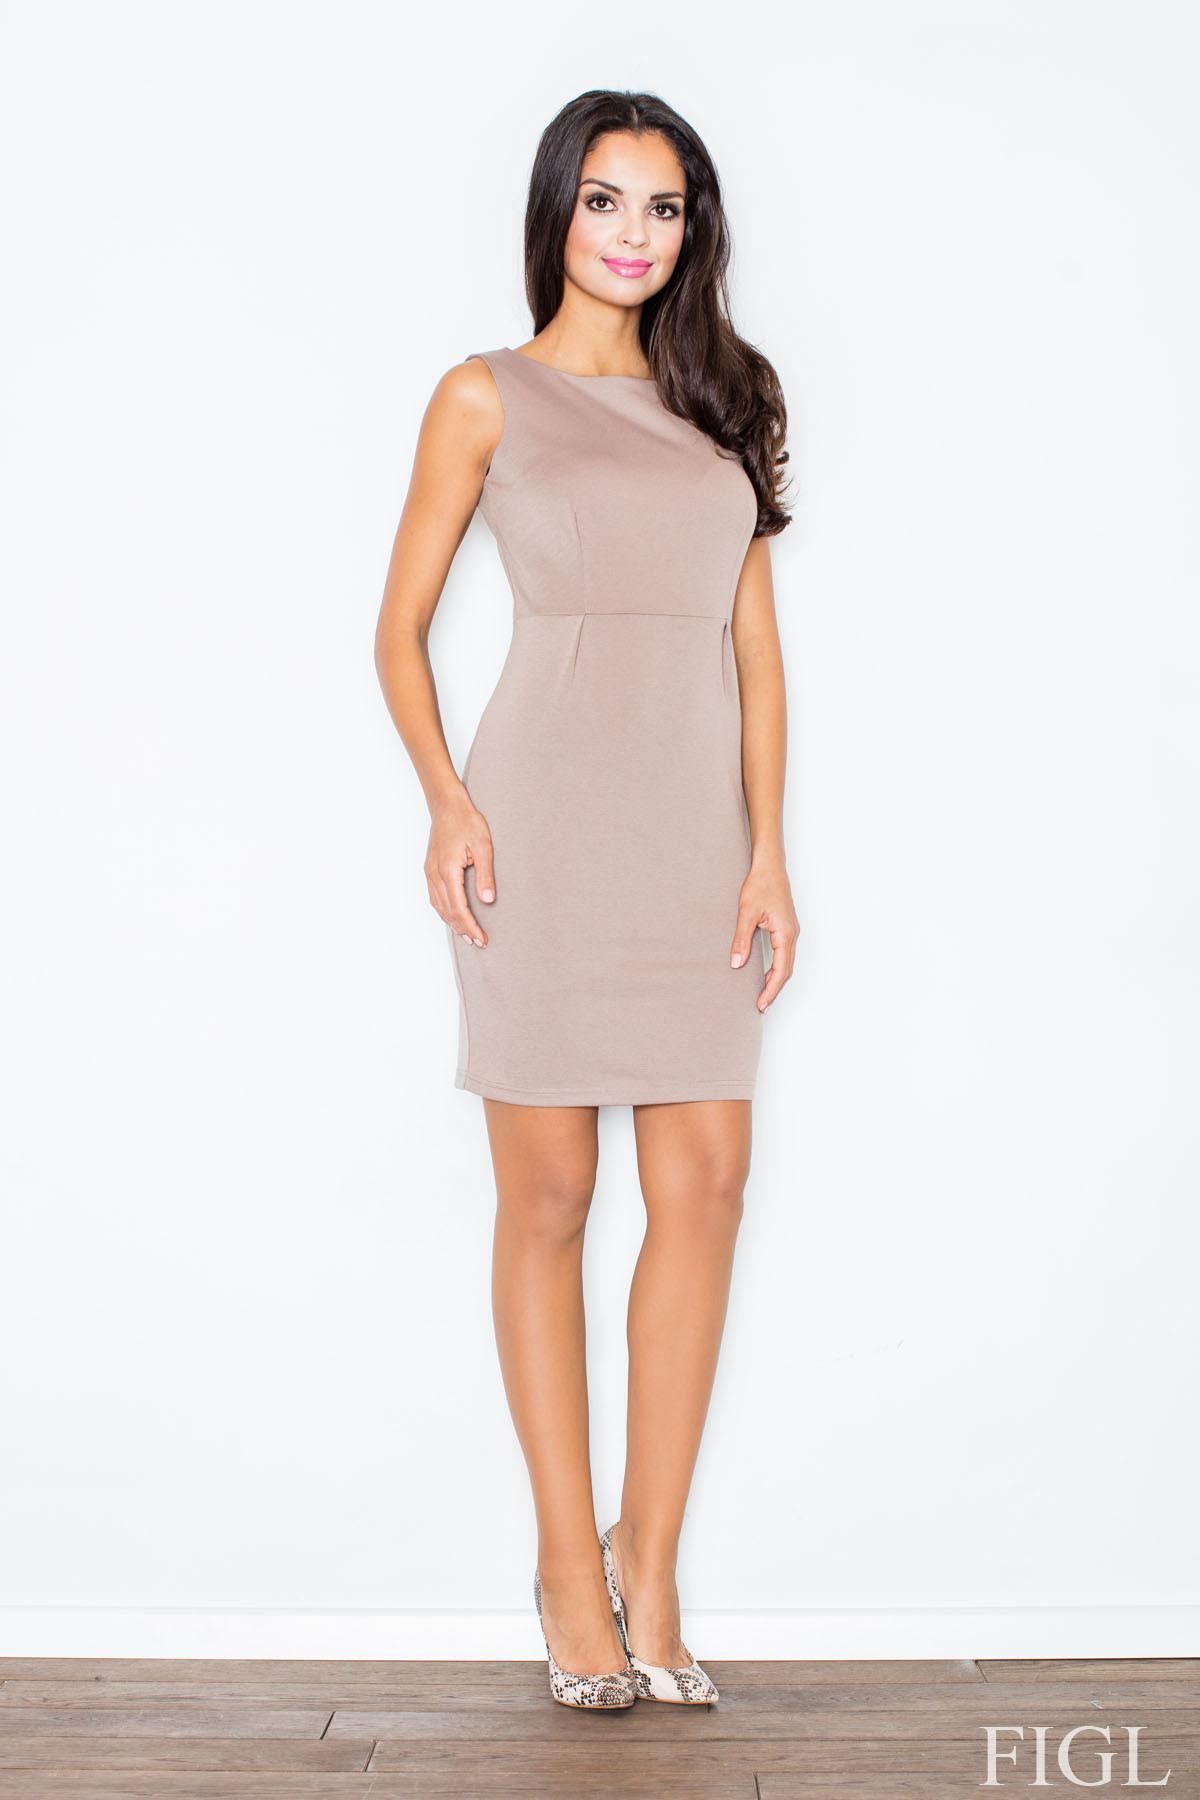 Dámske šaty M079 - Figl Biela L